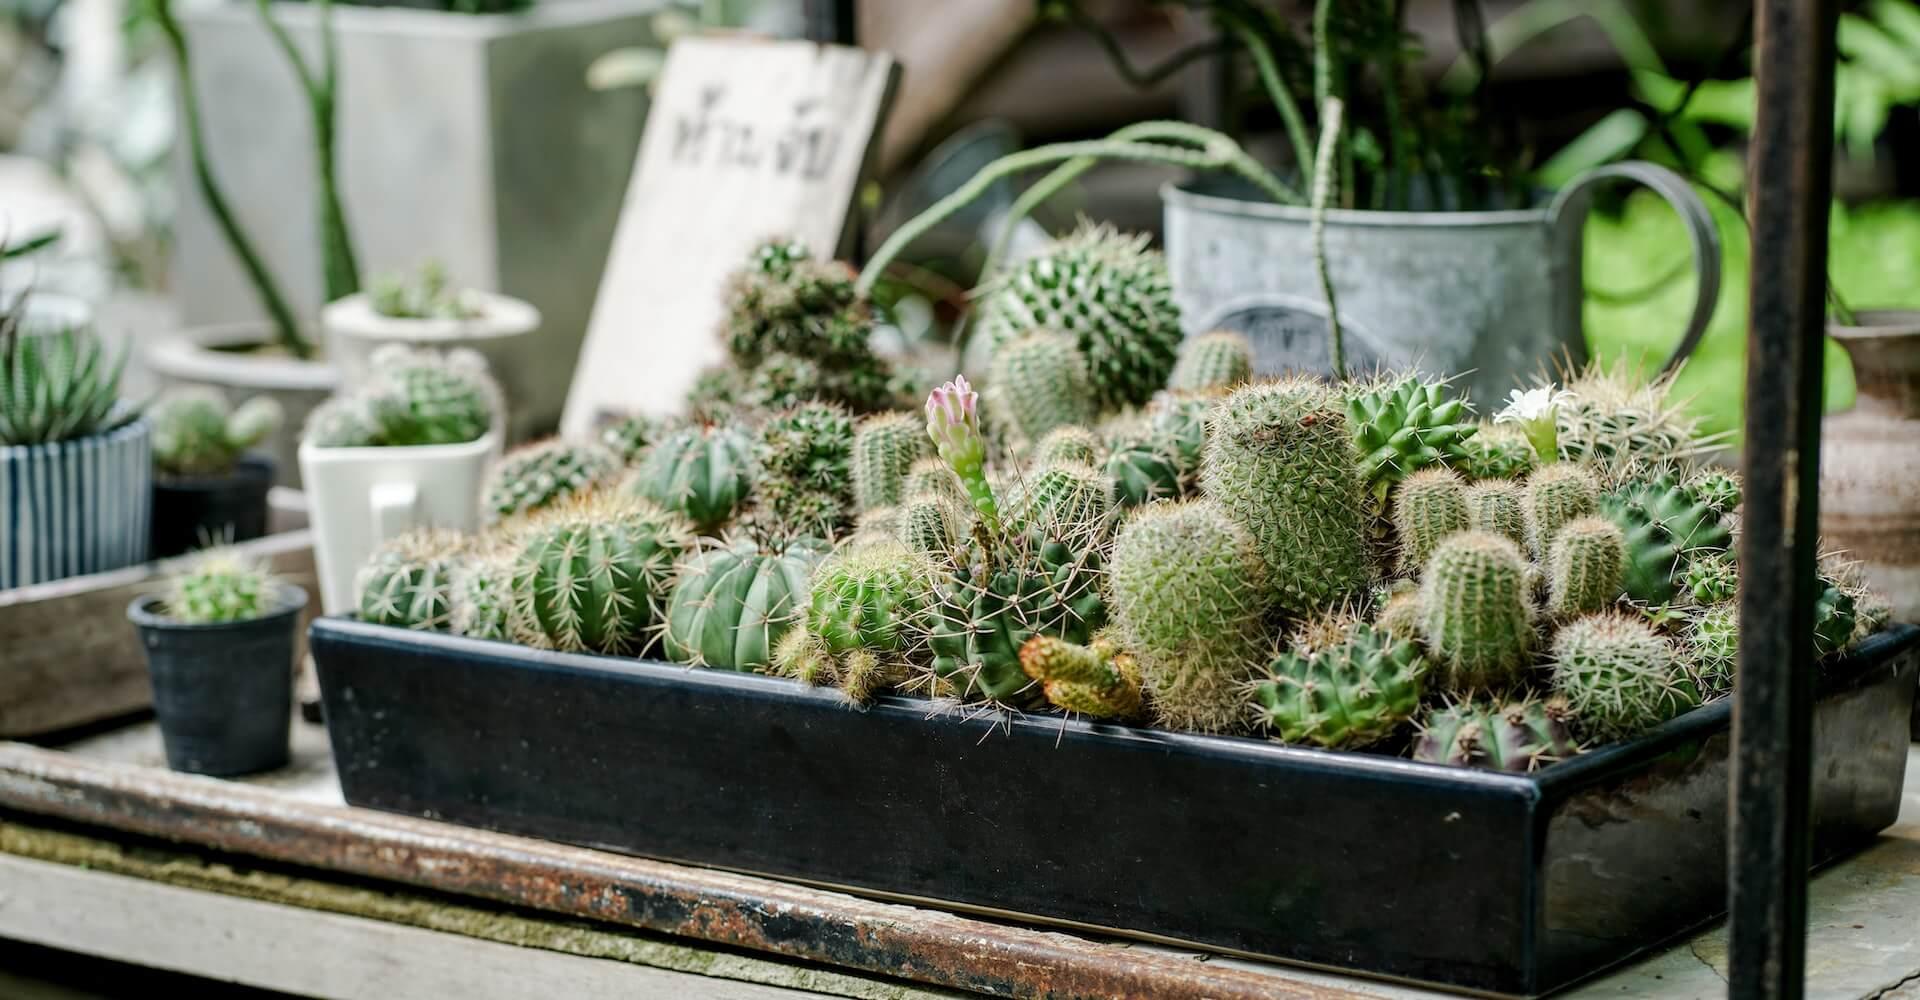 Catálogo y exposición. Decoración de bodas y comuniones con cactus y suculentas. Bodas y celebraciones